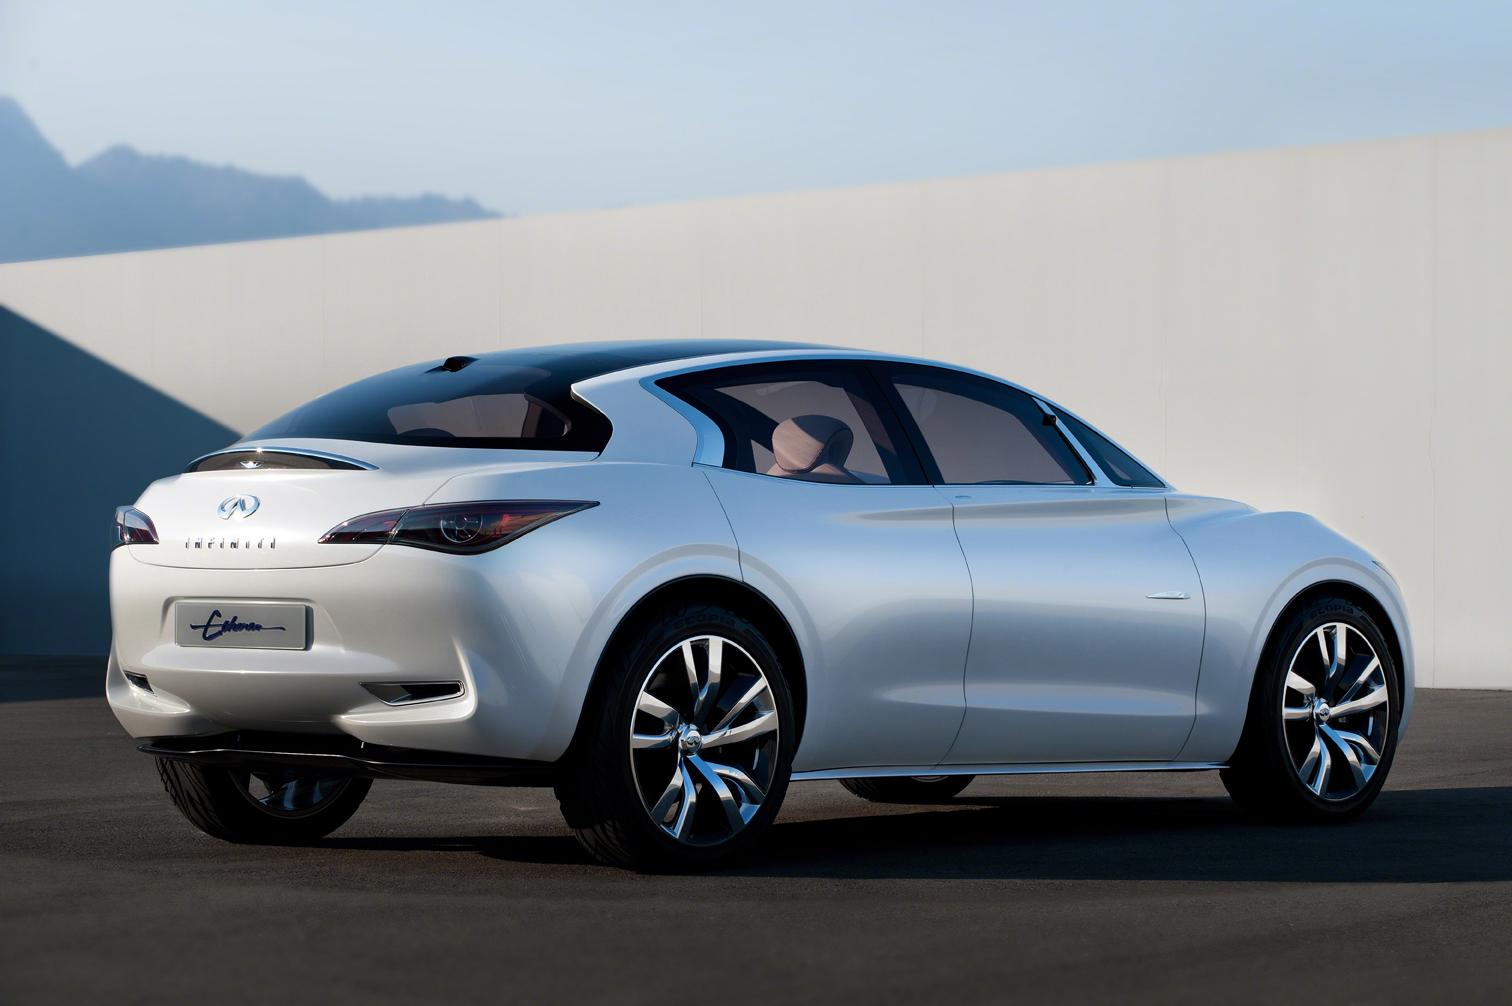 Global Luxury Car Rental